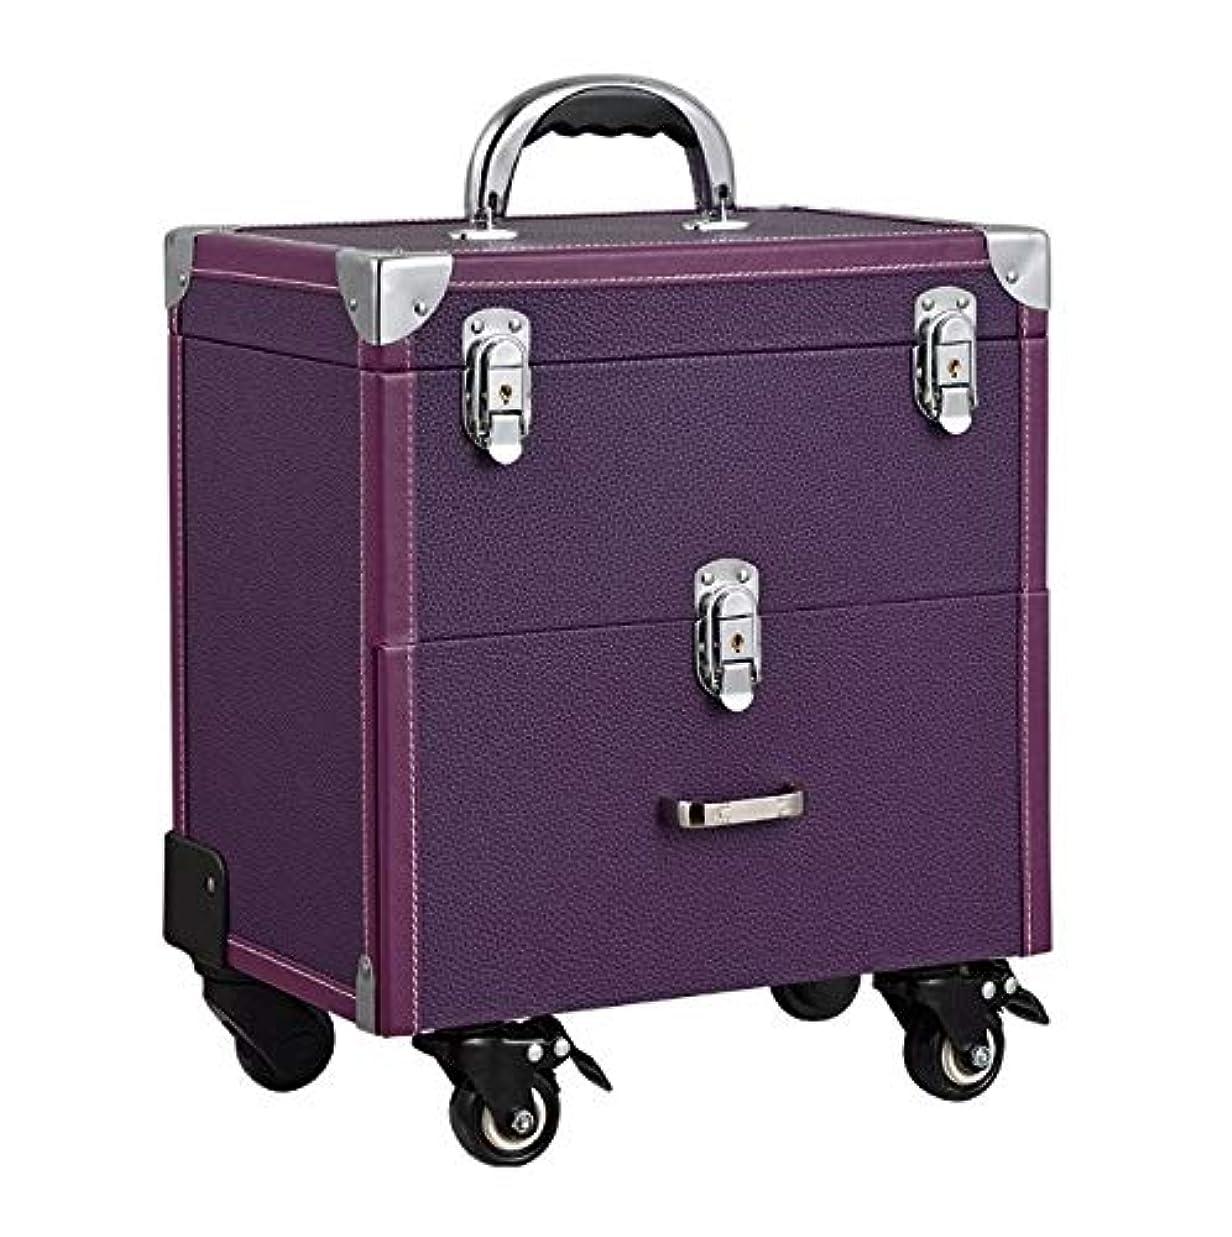 化粧箱、大容量ダブルポール化粧品ケース、ポータブル旅行化粧品袋収納袋、美容化粧ネイルジュエリー収納ボックス (Color : Purple)